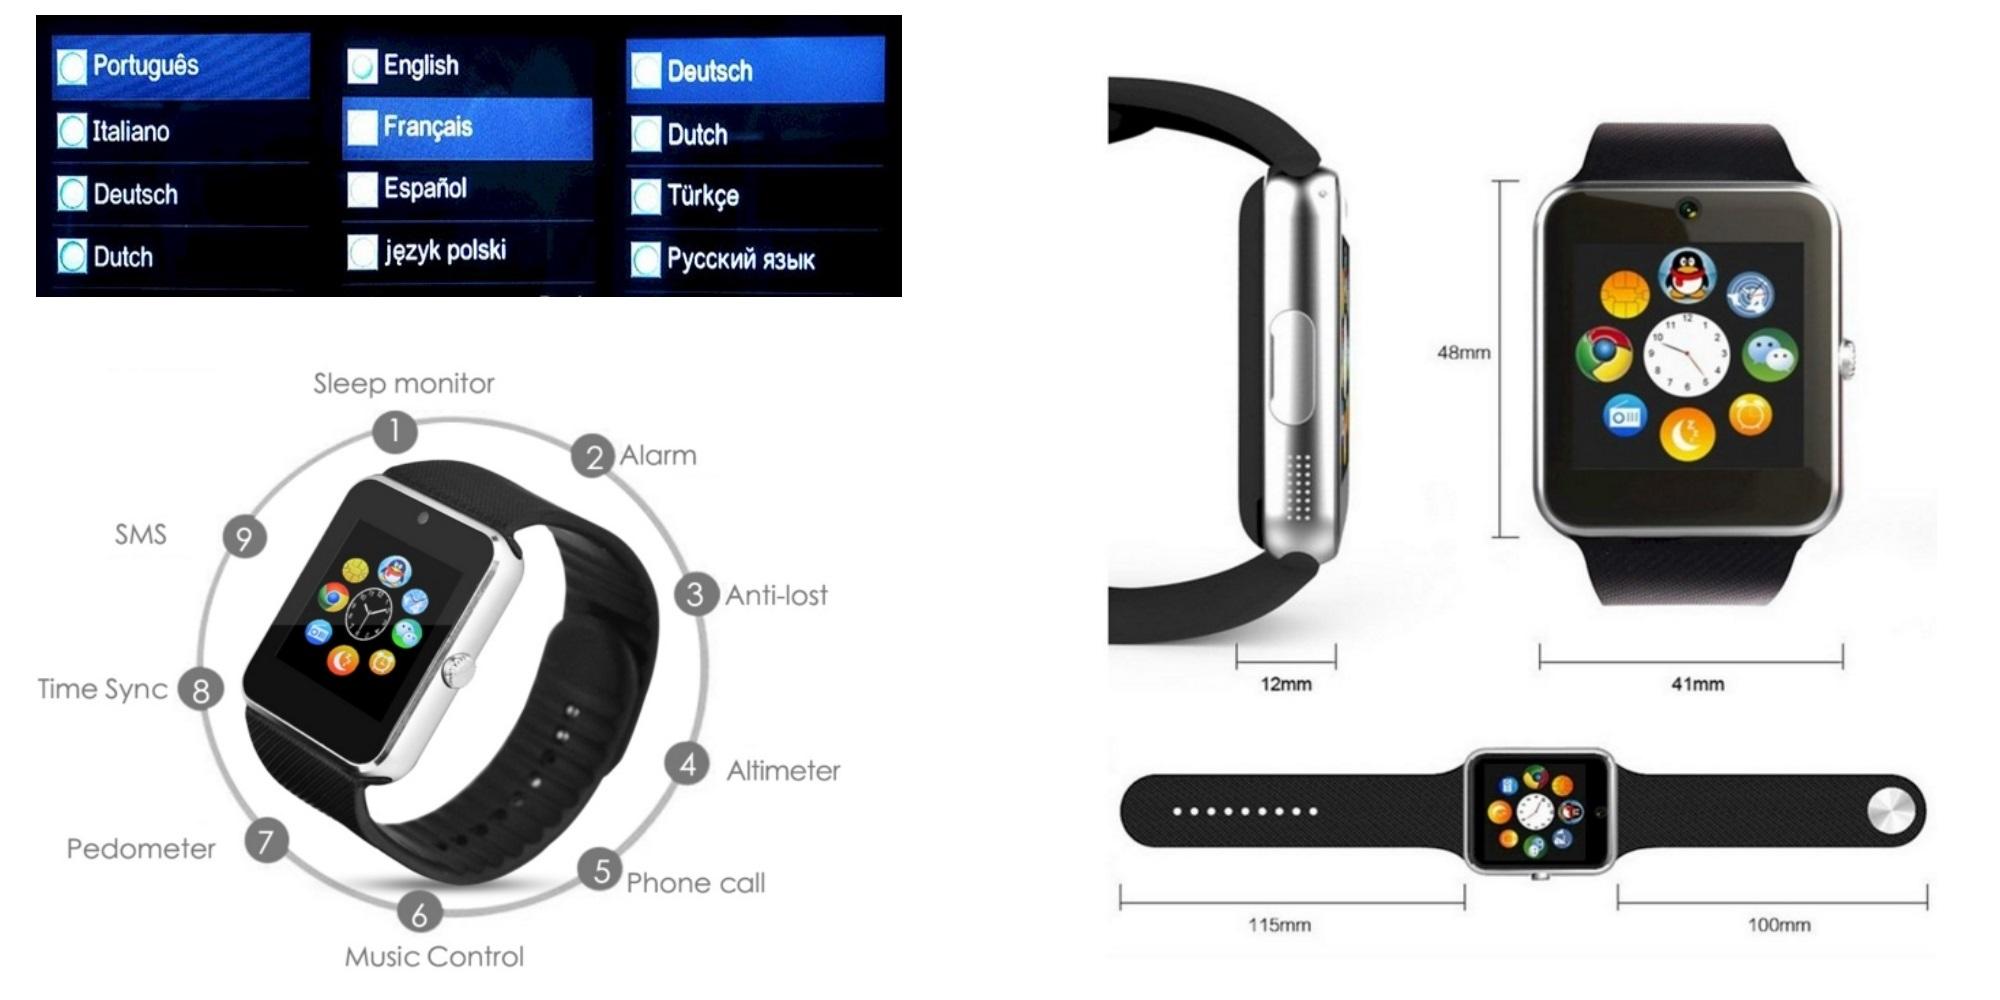 gt08 smartwatch android black bluetooth mit deutscher bedienungsanleitung ebay. Black Bedroom Furniture Sets. Home Design Ideas